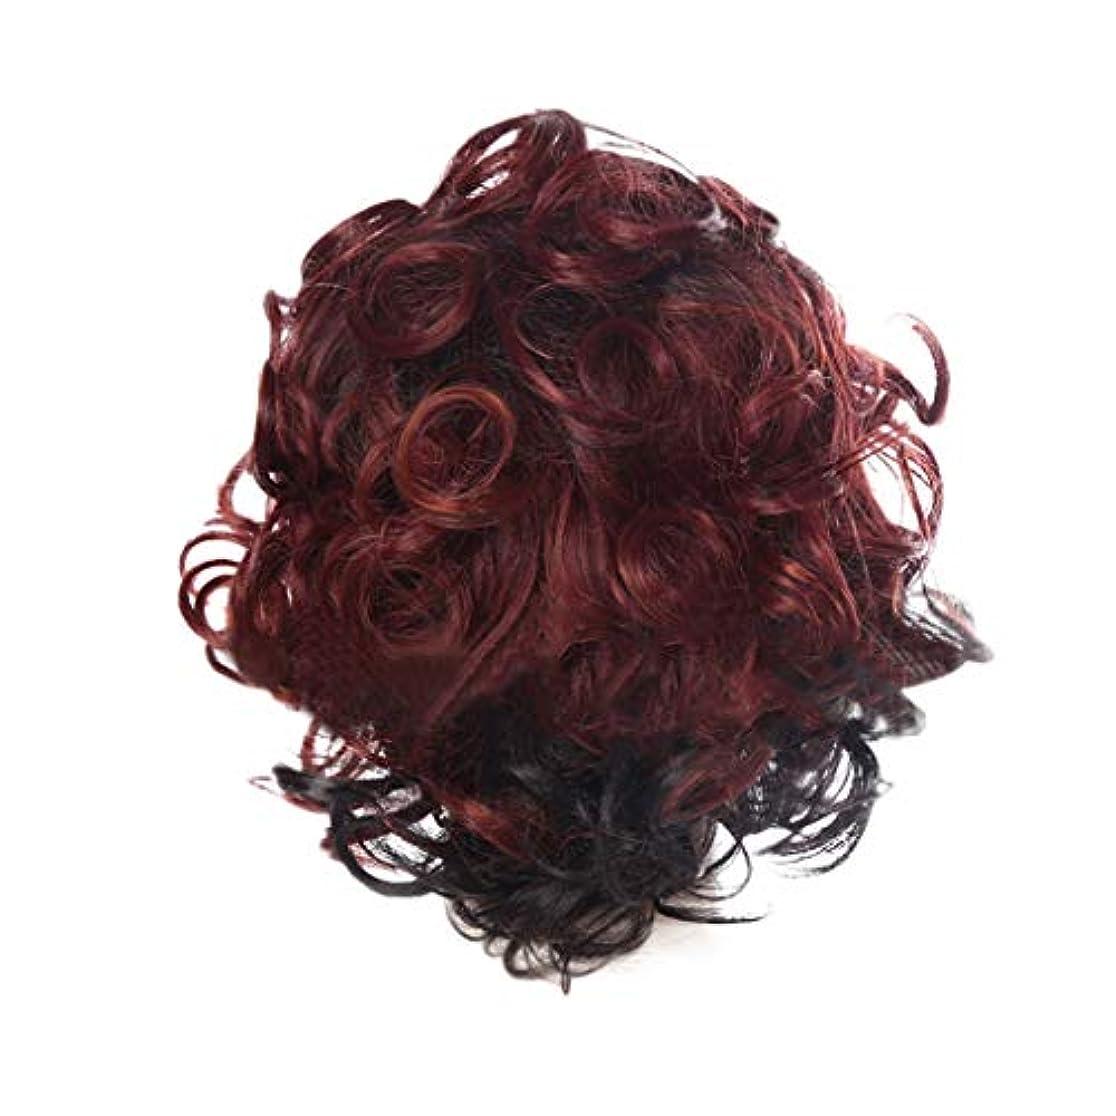 中止します赤面変換する女性の赤い短い巻き毛の人格爆発ヘッドかつら35 cmをかつら